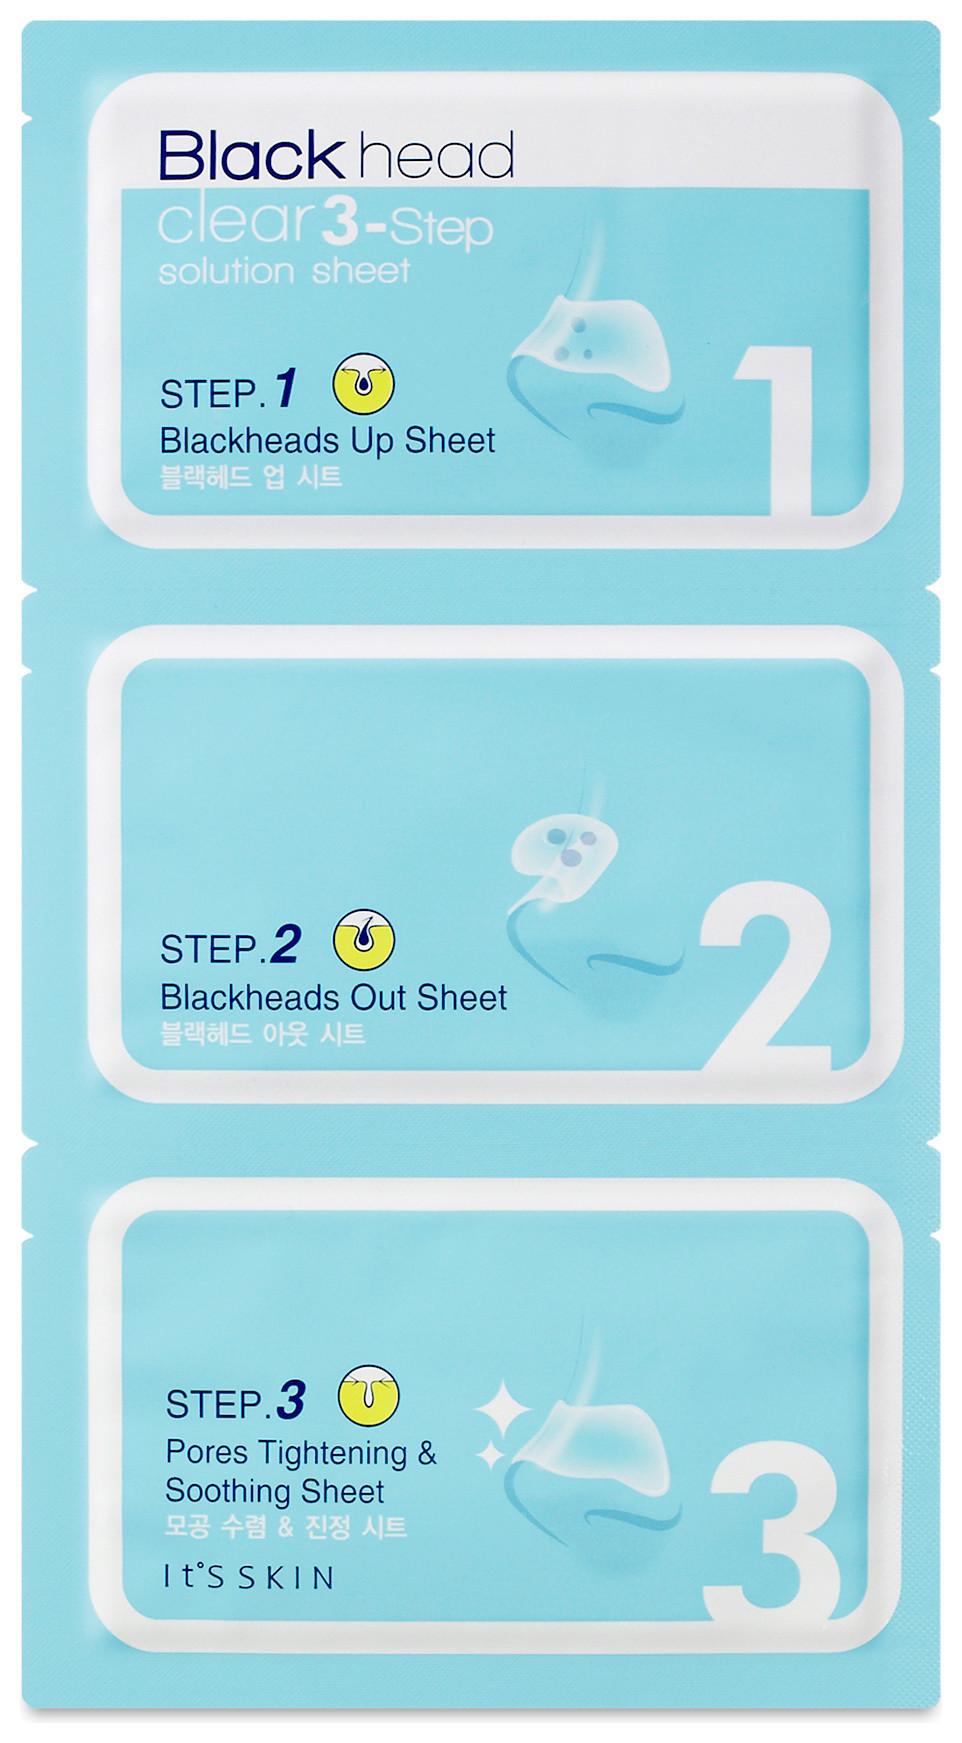 """Трехступенчатая система для очищения черных точек """"Blackhead Clear 3-Step Solution Sheet""""  It's Skin"""